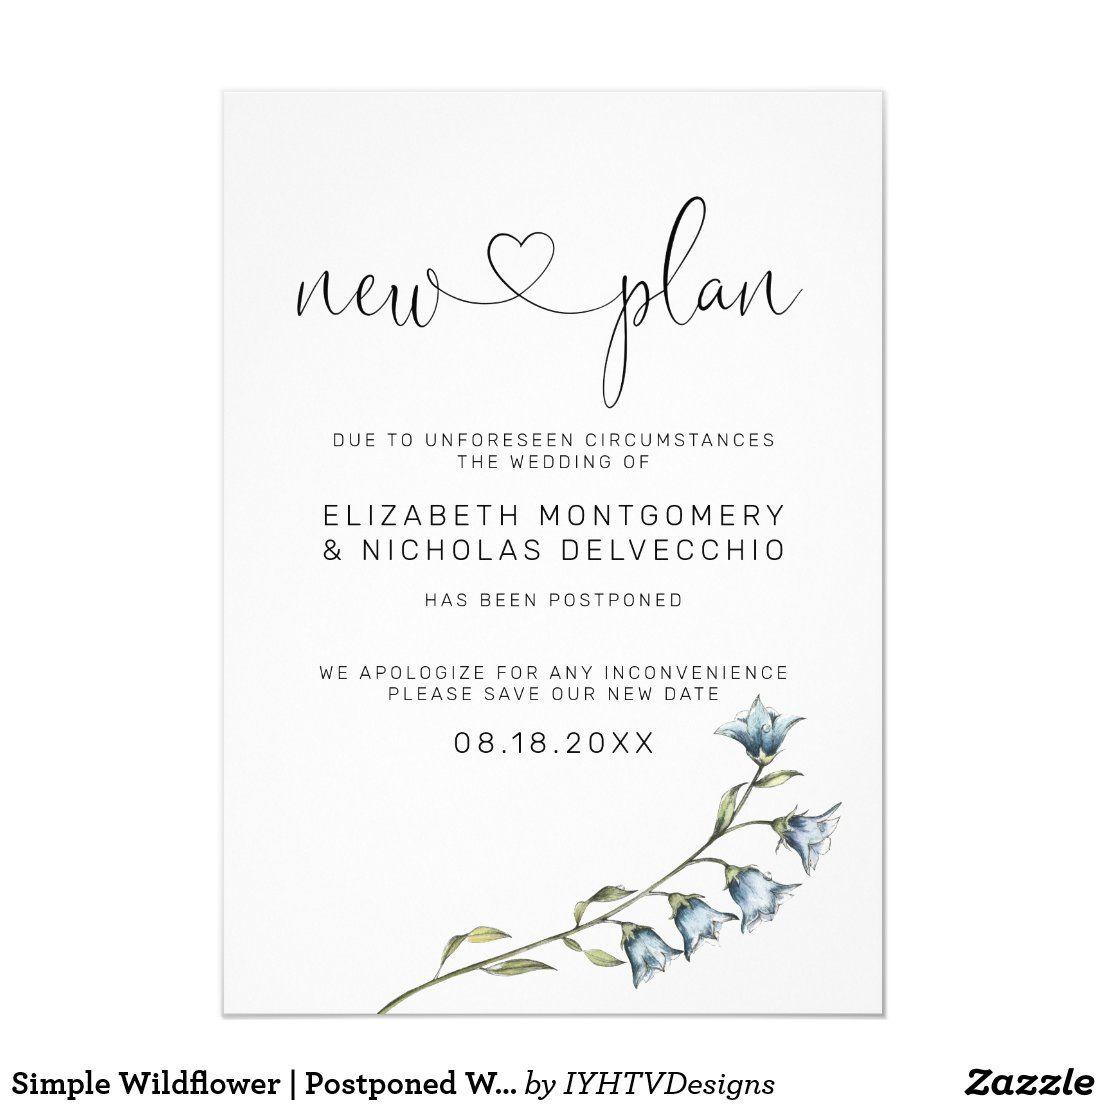 Simple Wildflower Postponed Wedding Announcement Zazzle Com In 2020 Wedding Announcements Simple Wedding Invitations Cheap Simple Wedding Invitation Wording